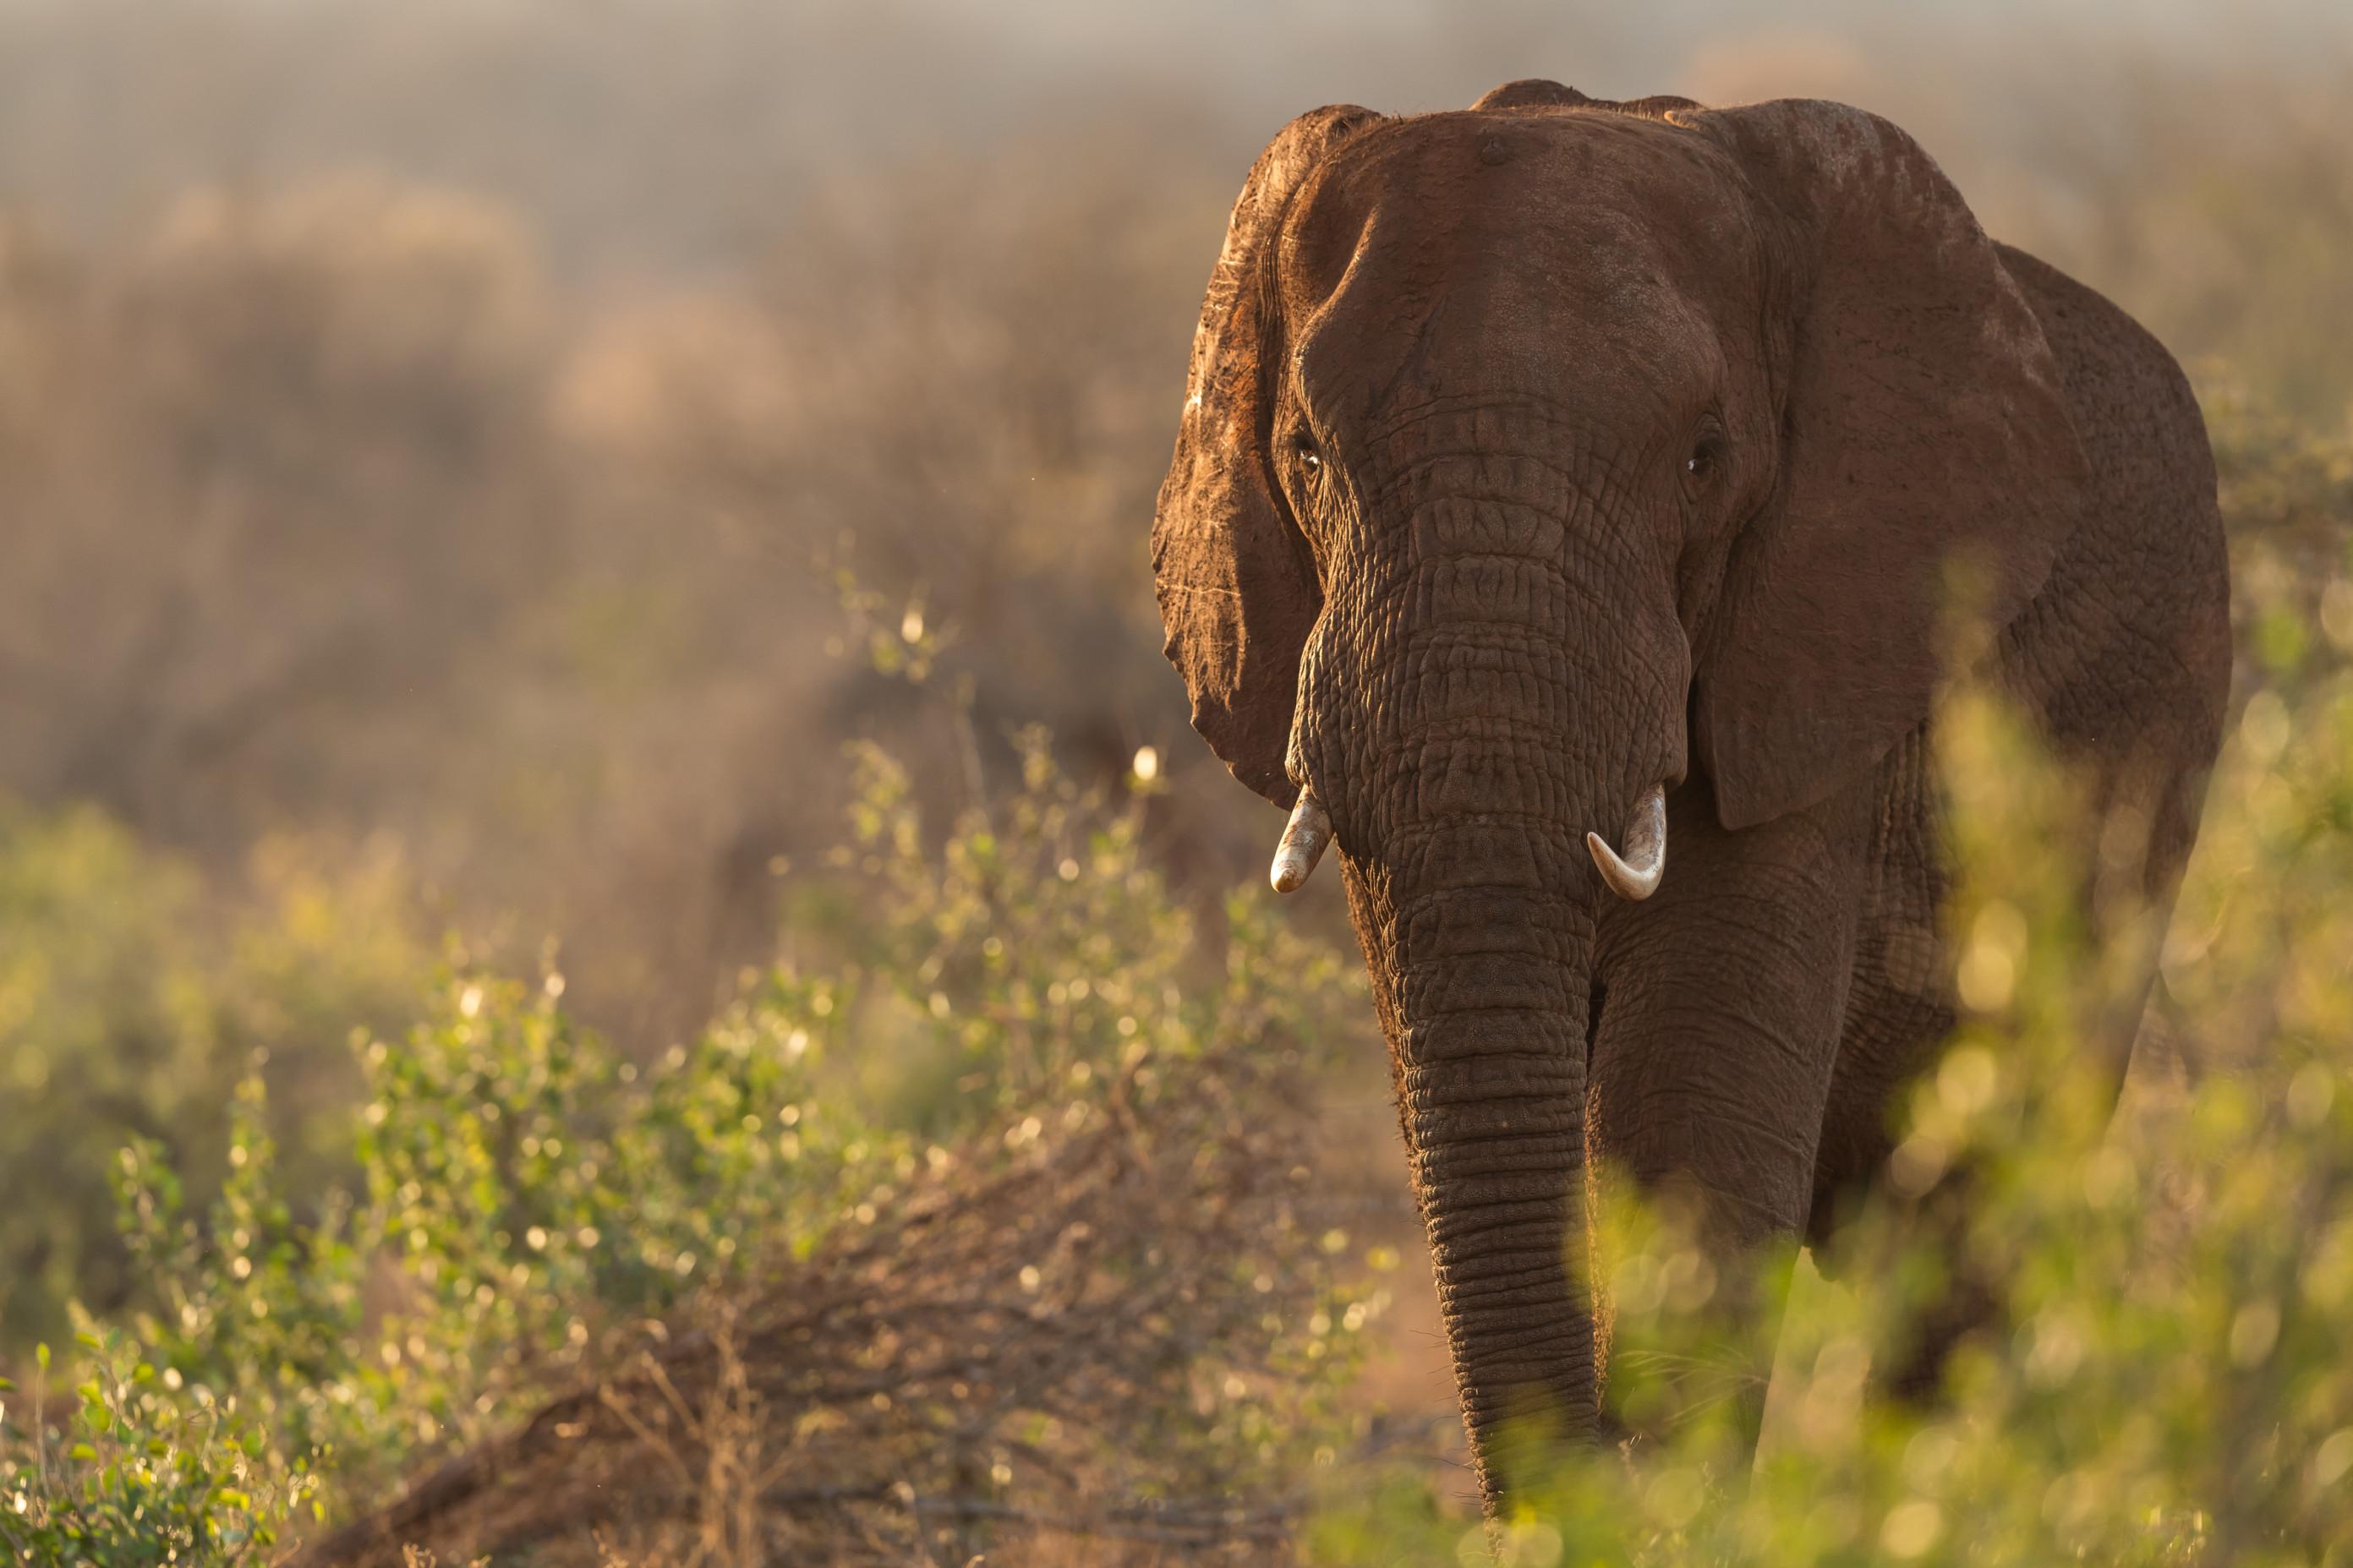 wildlife zimanga 5489